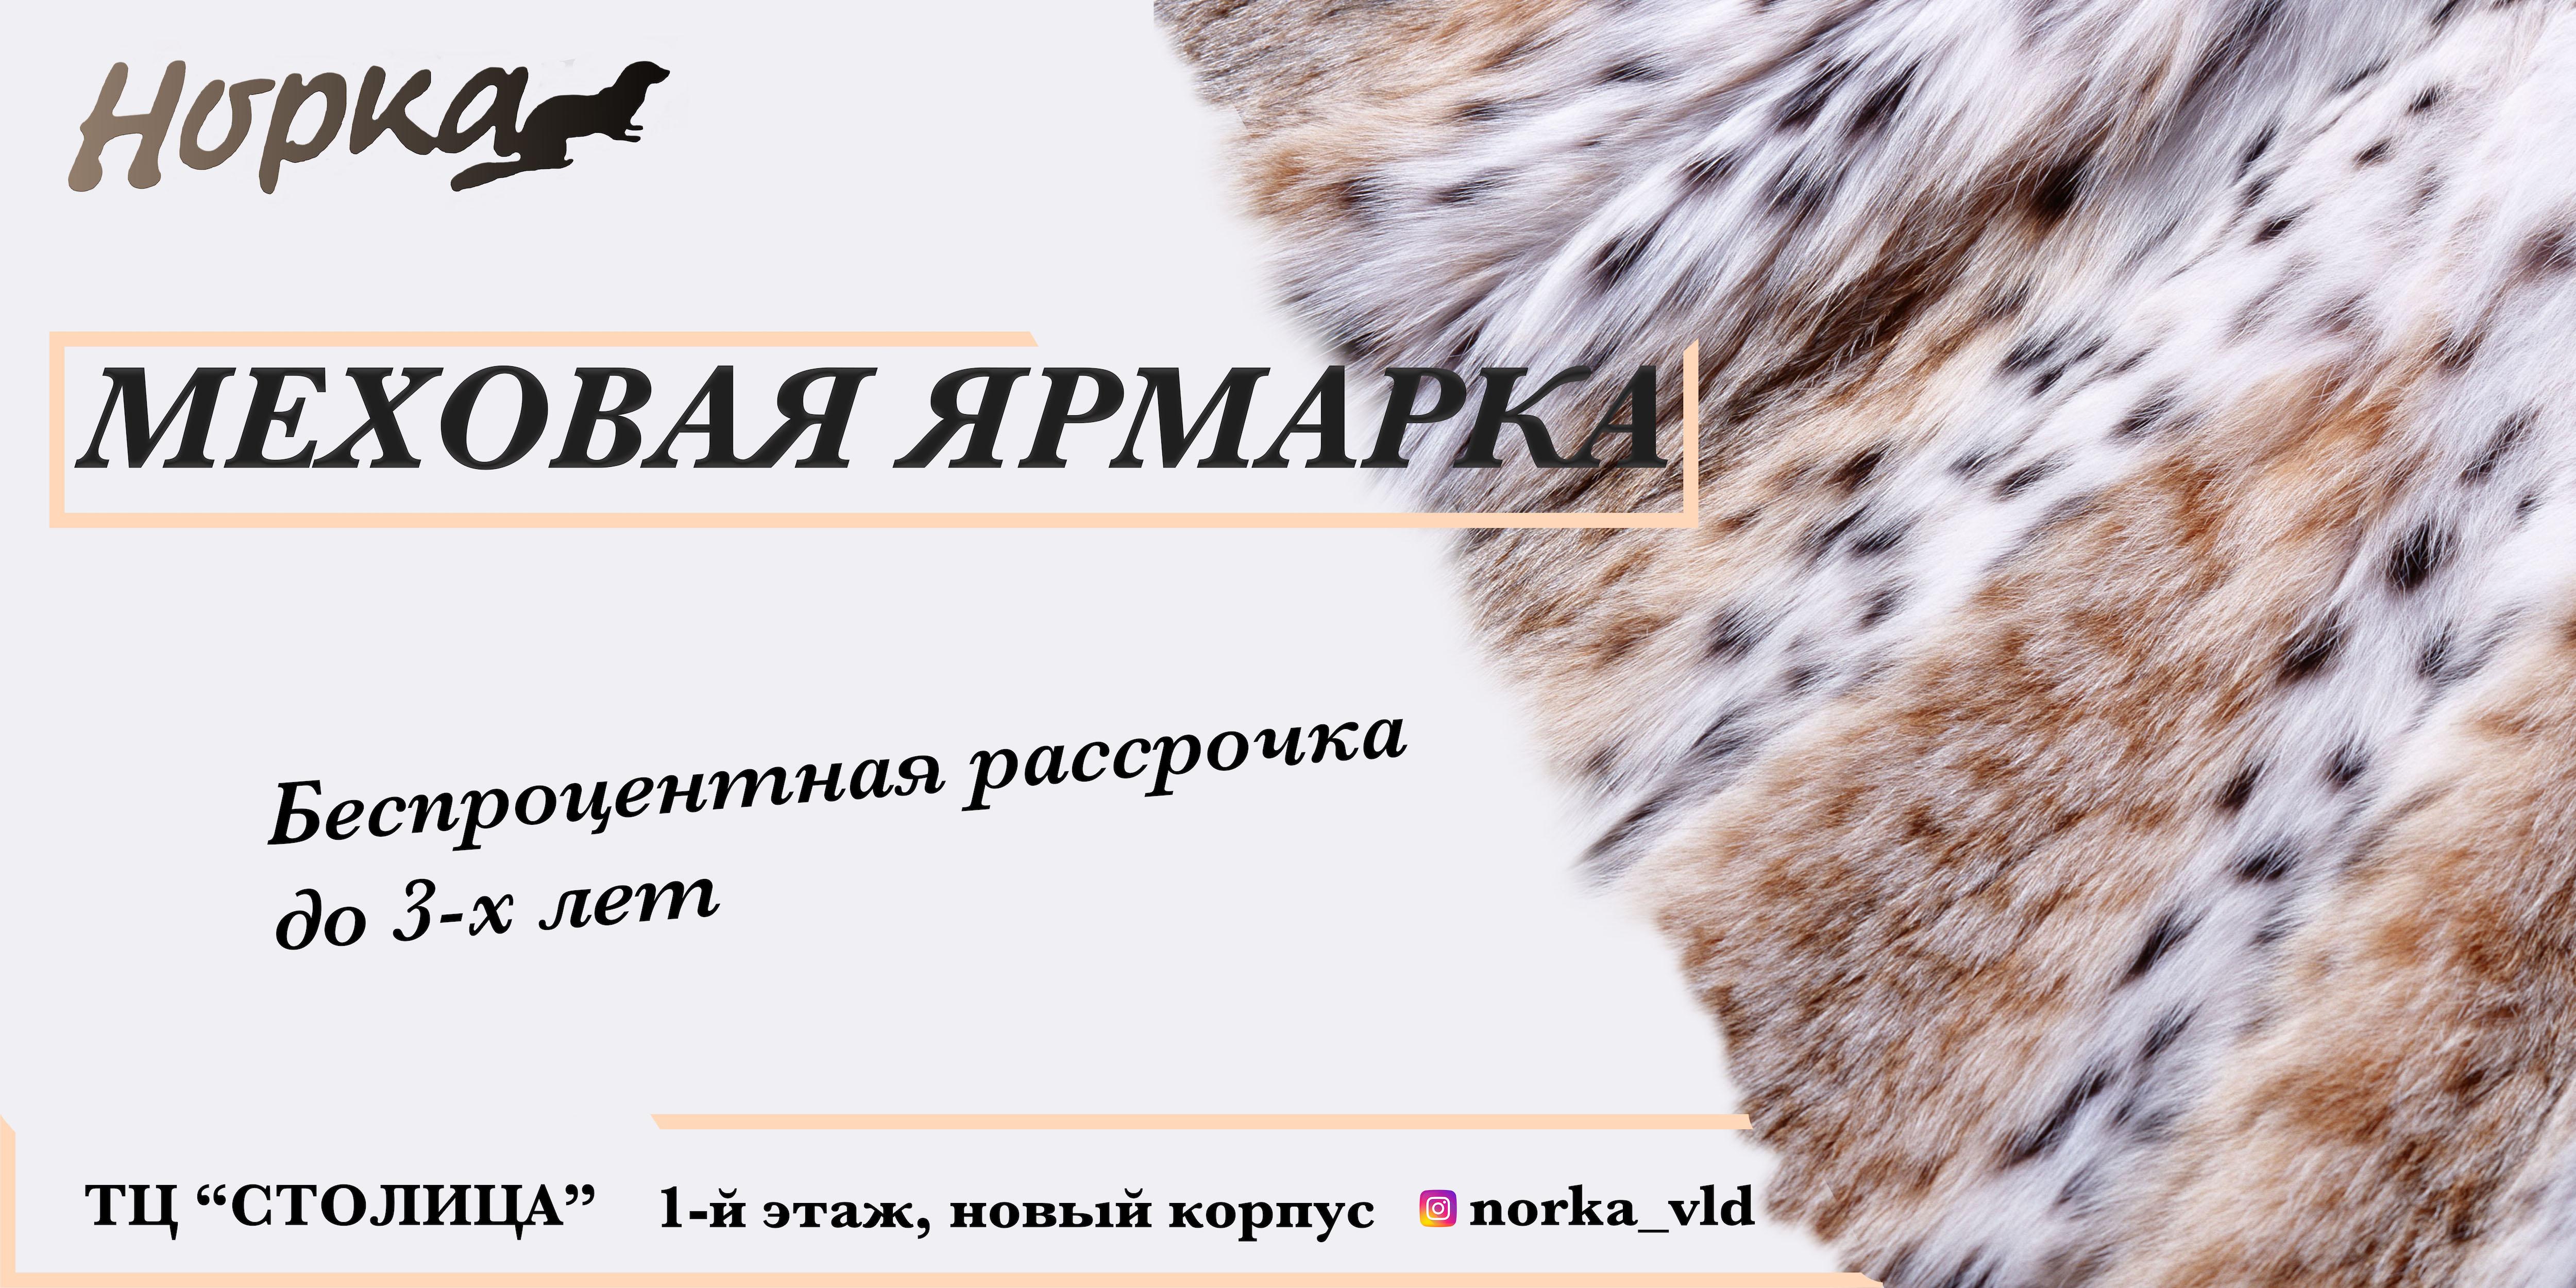 Дизайнера для создания Банера  фото f_8525da2f5645026f.jpg